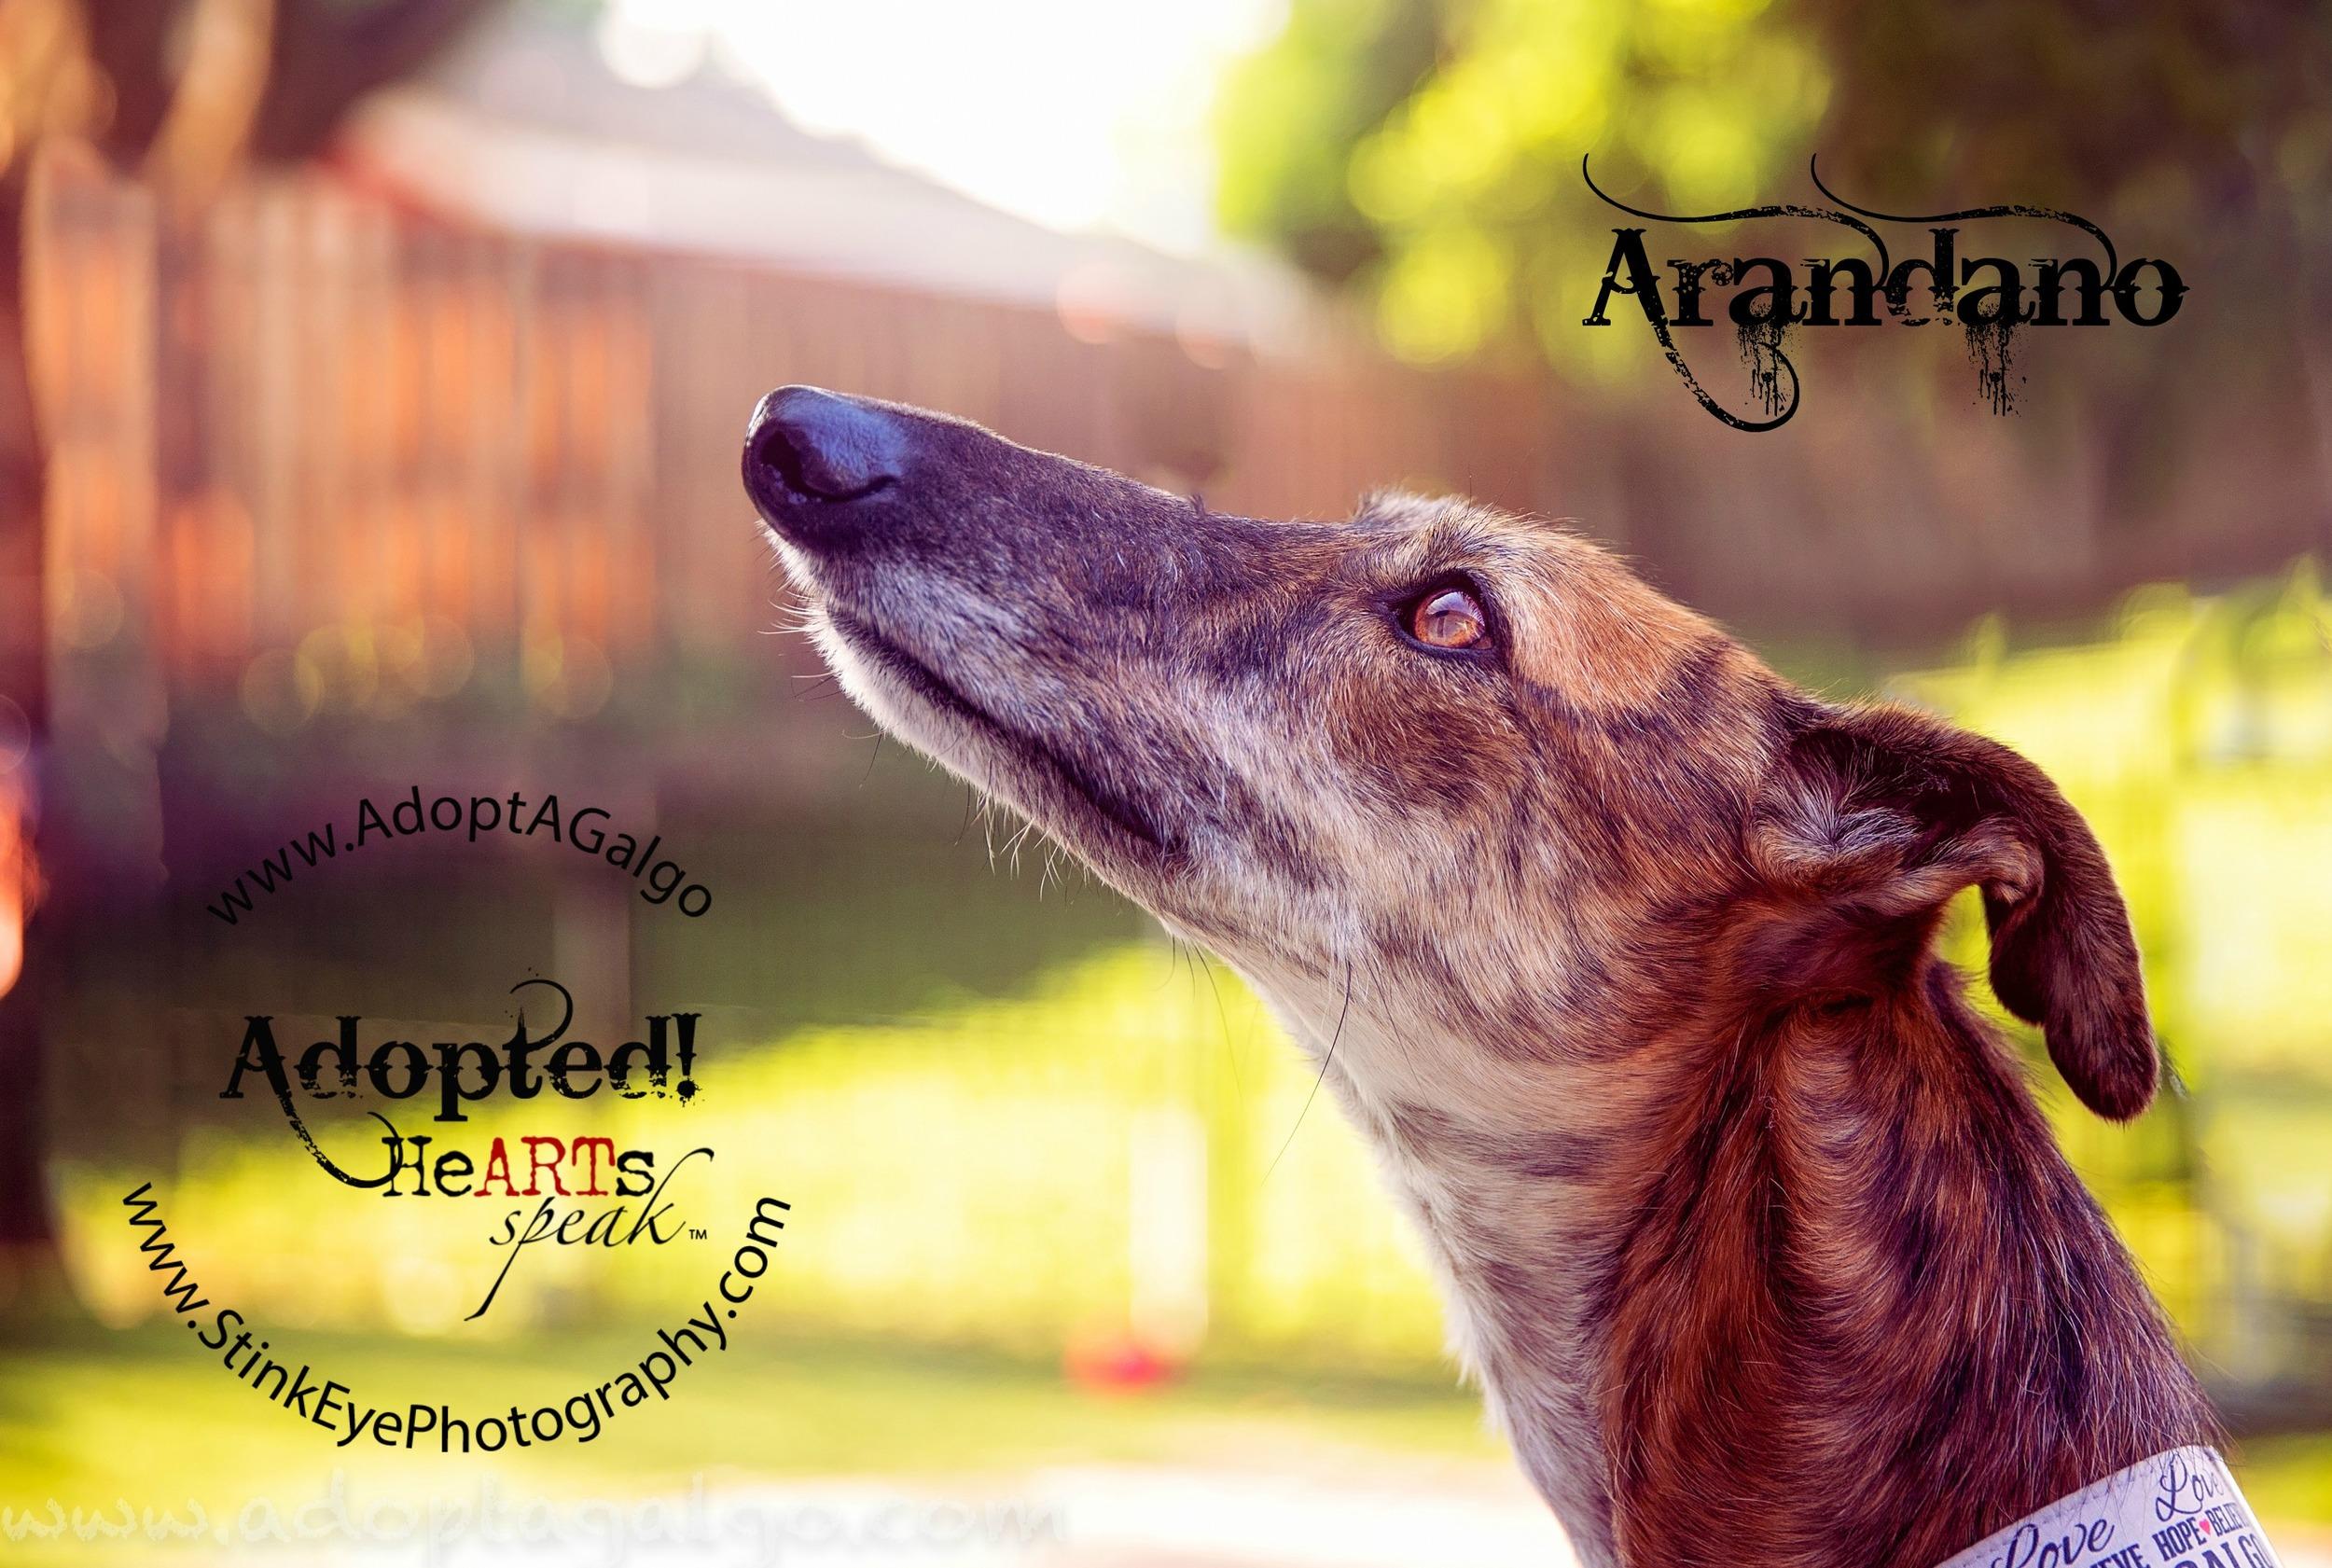 Arandano-Adopted.jpg